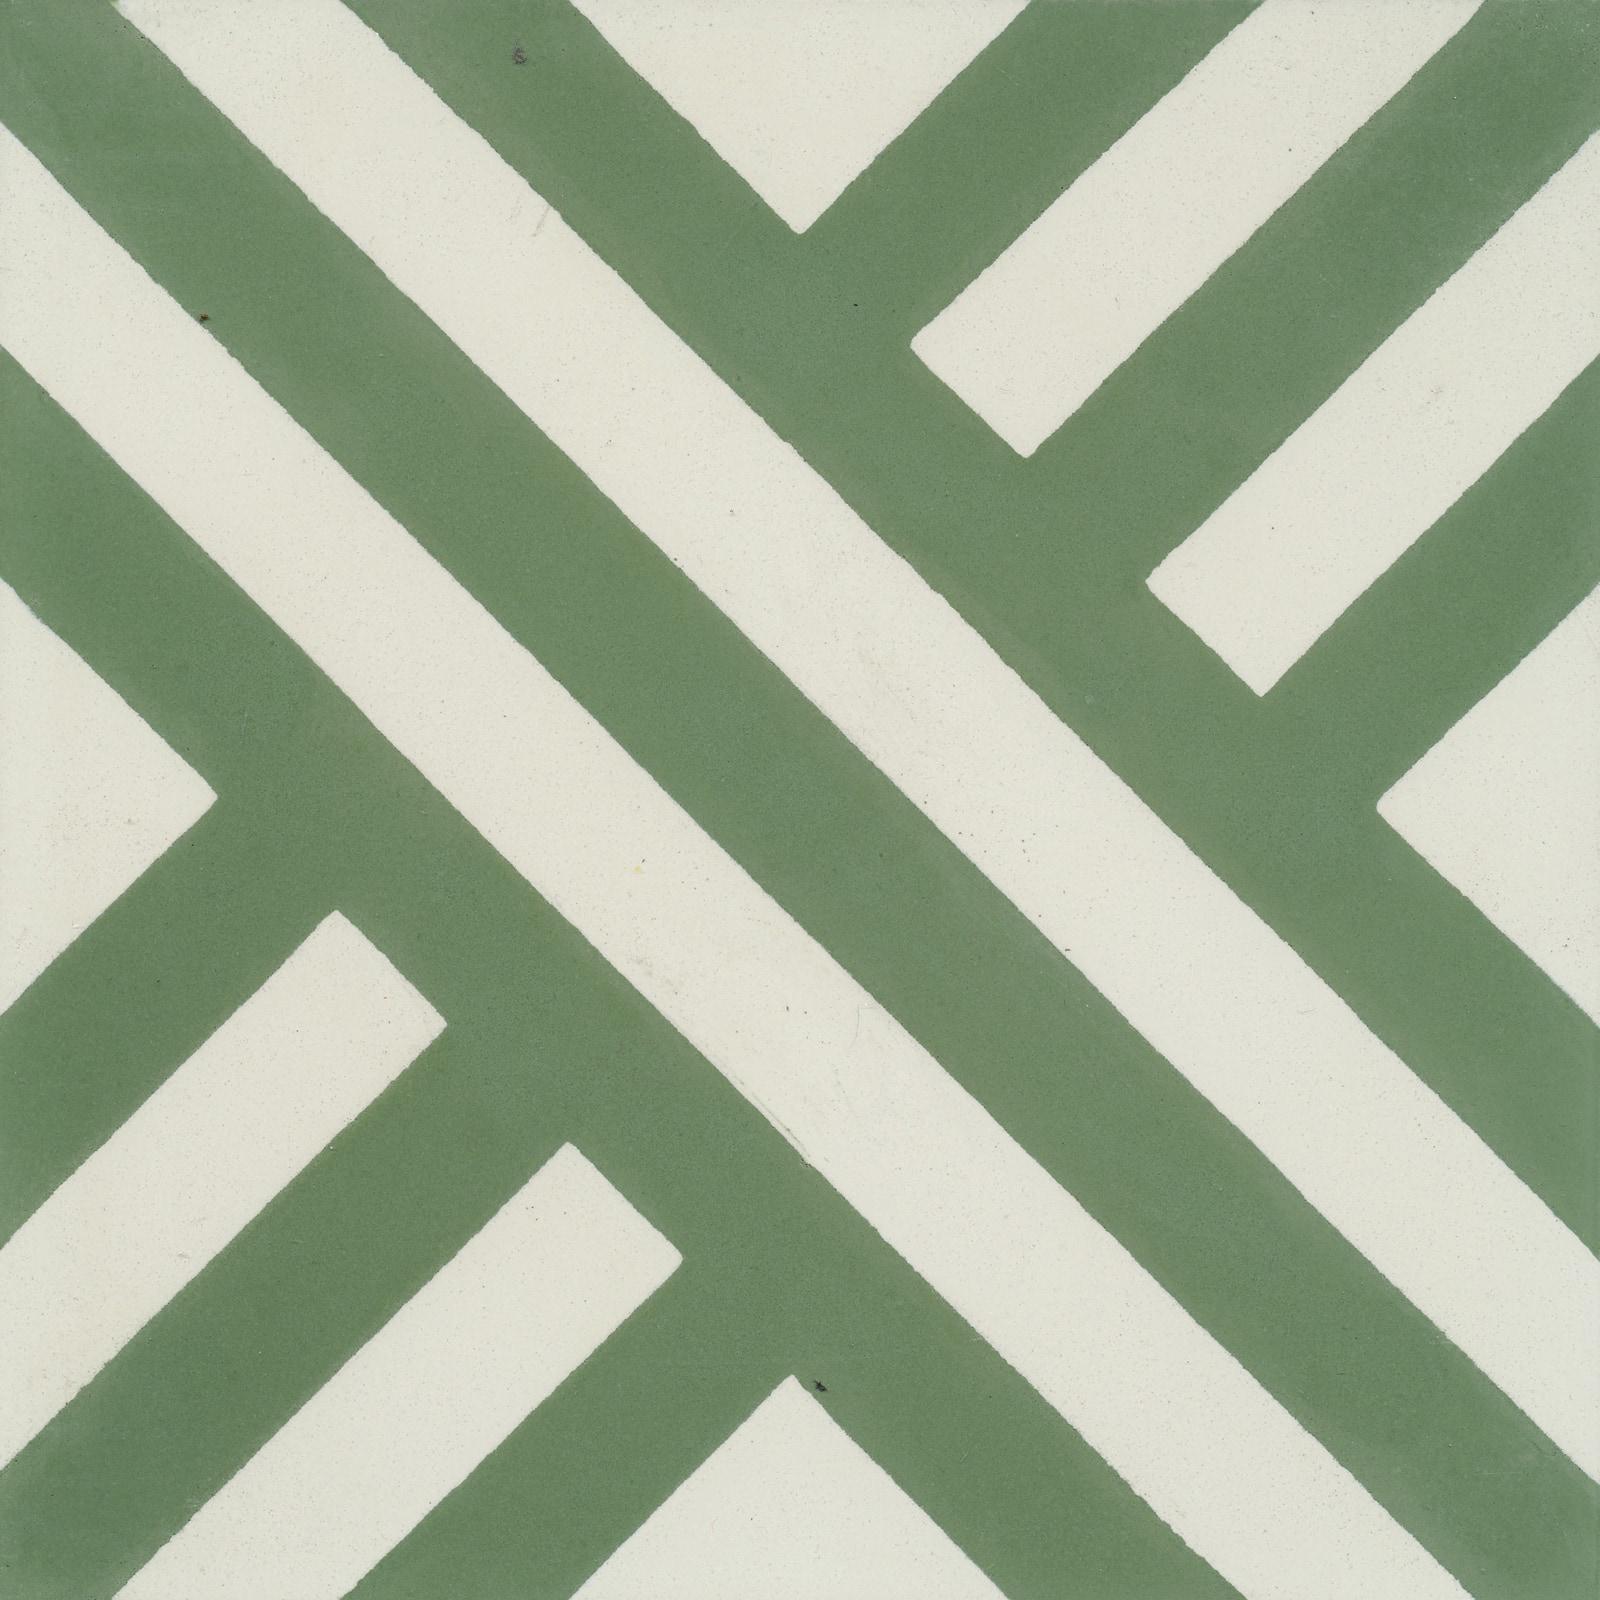 zementmosaikfliesen-nr.14853-viaplatten | 14853